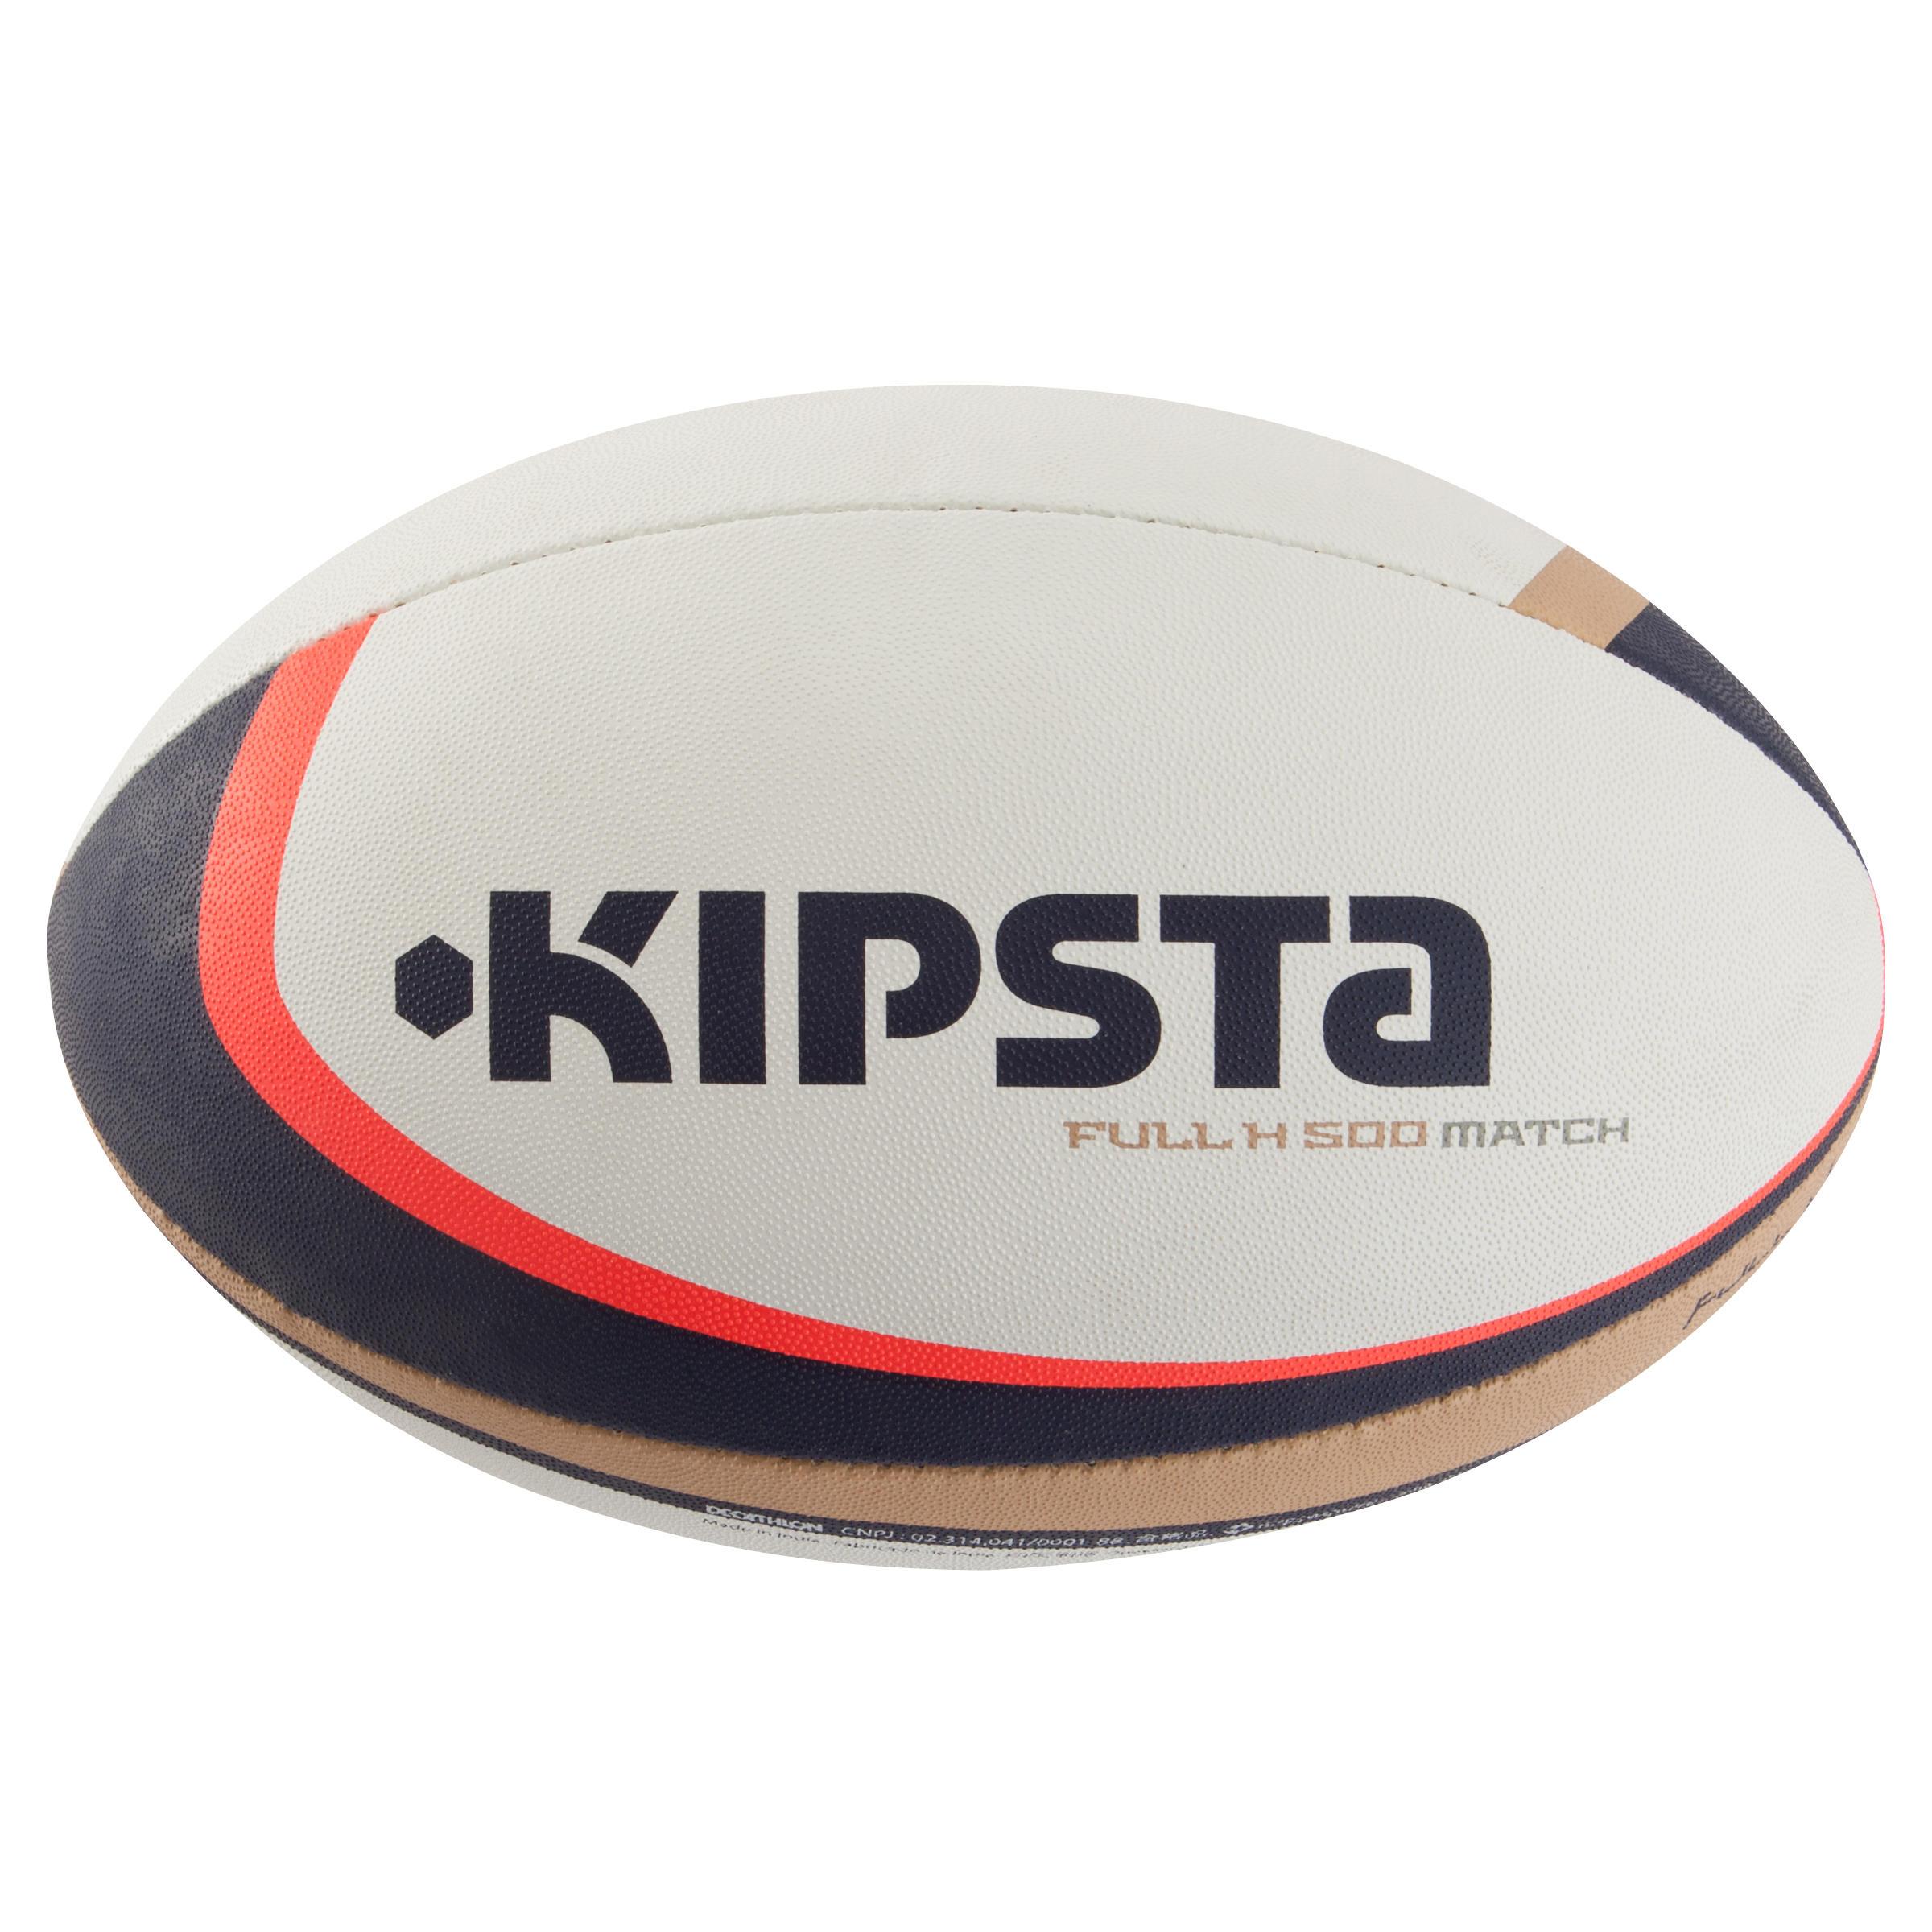 Kipsta Rugbybal R500 maat 500